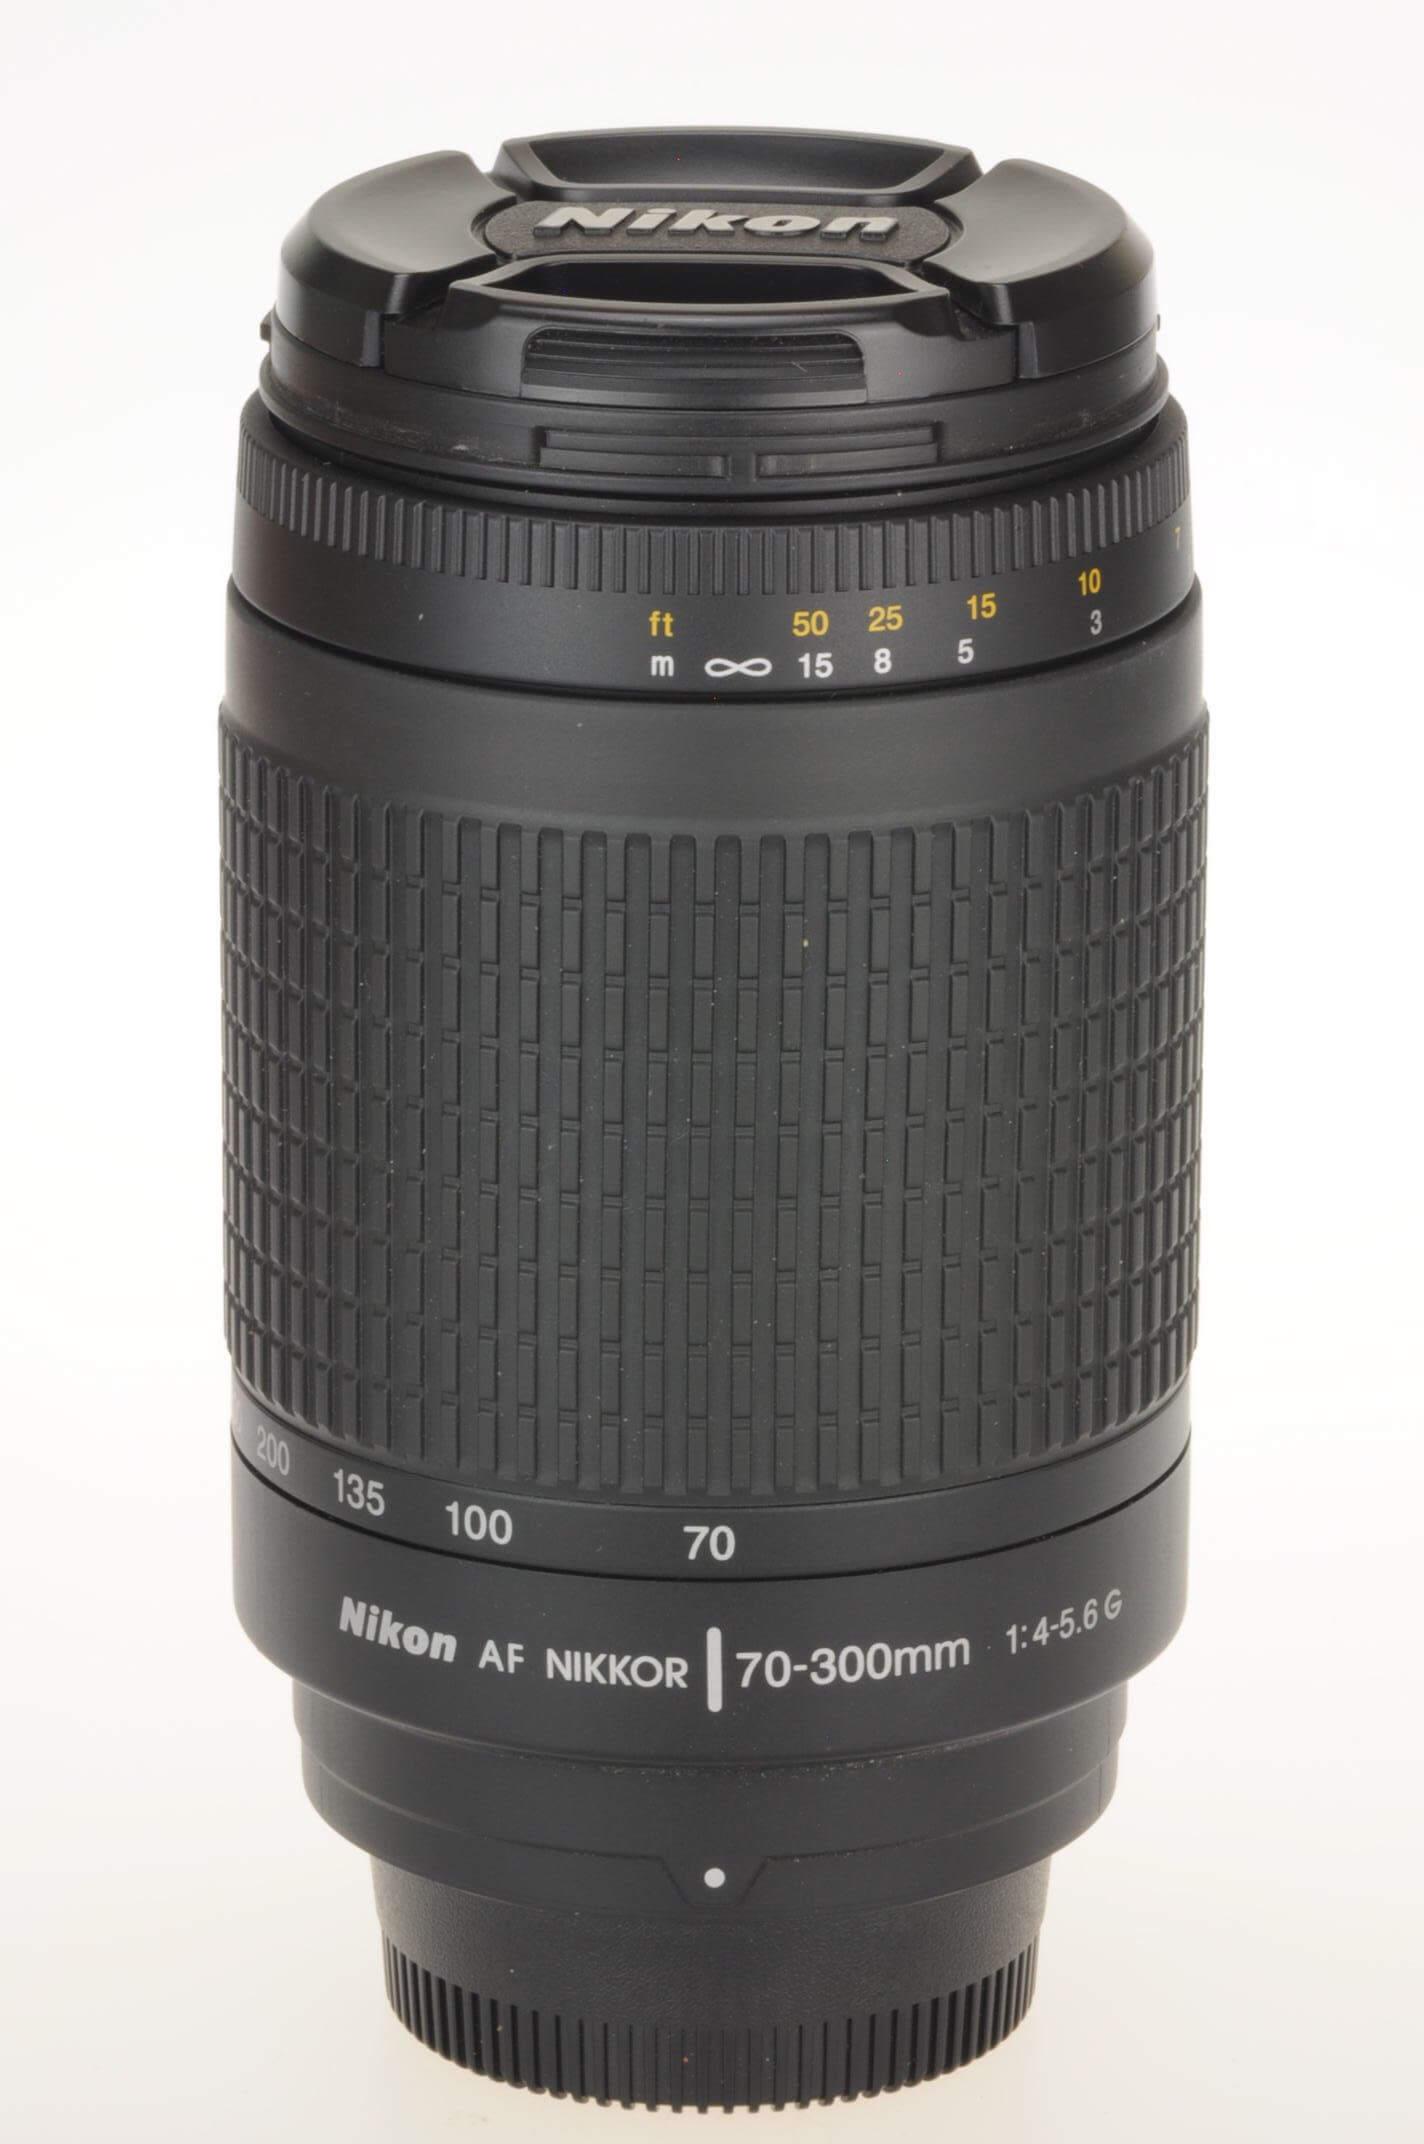 Nikon 70-300mm f4-5.6 AF G, mint condition!